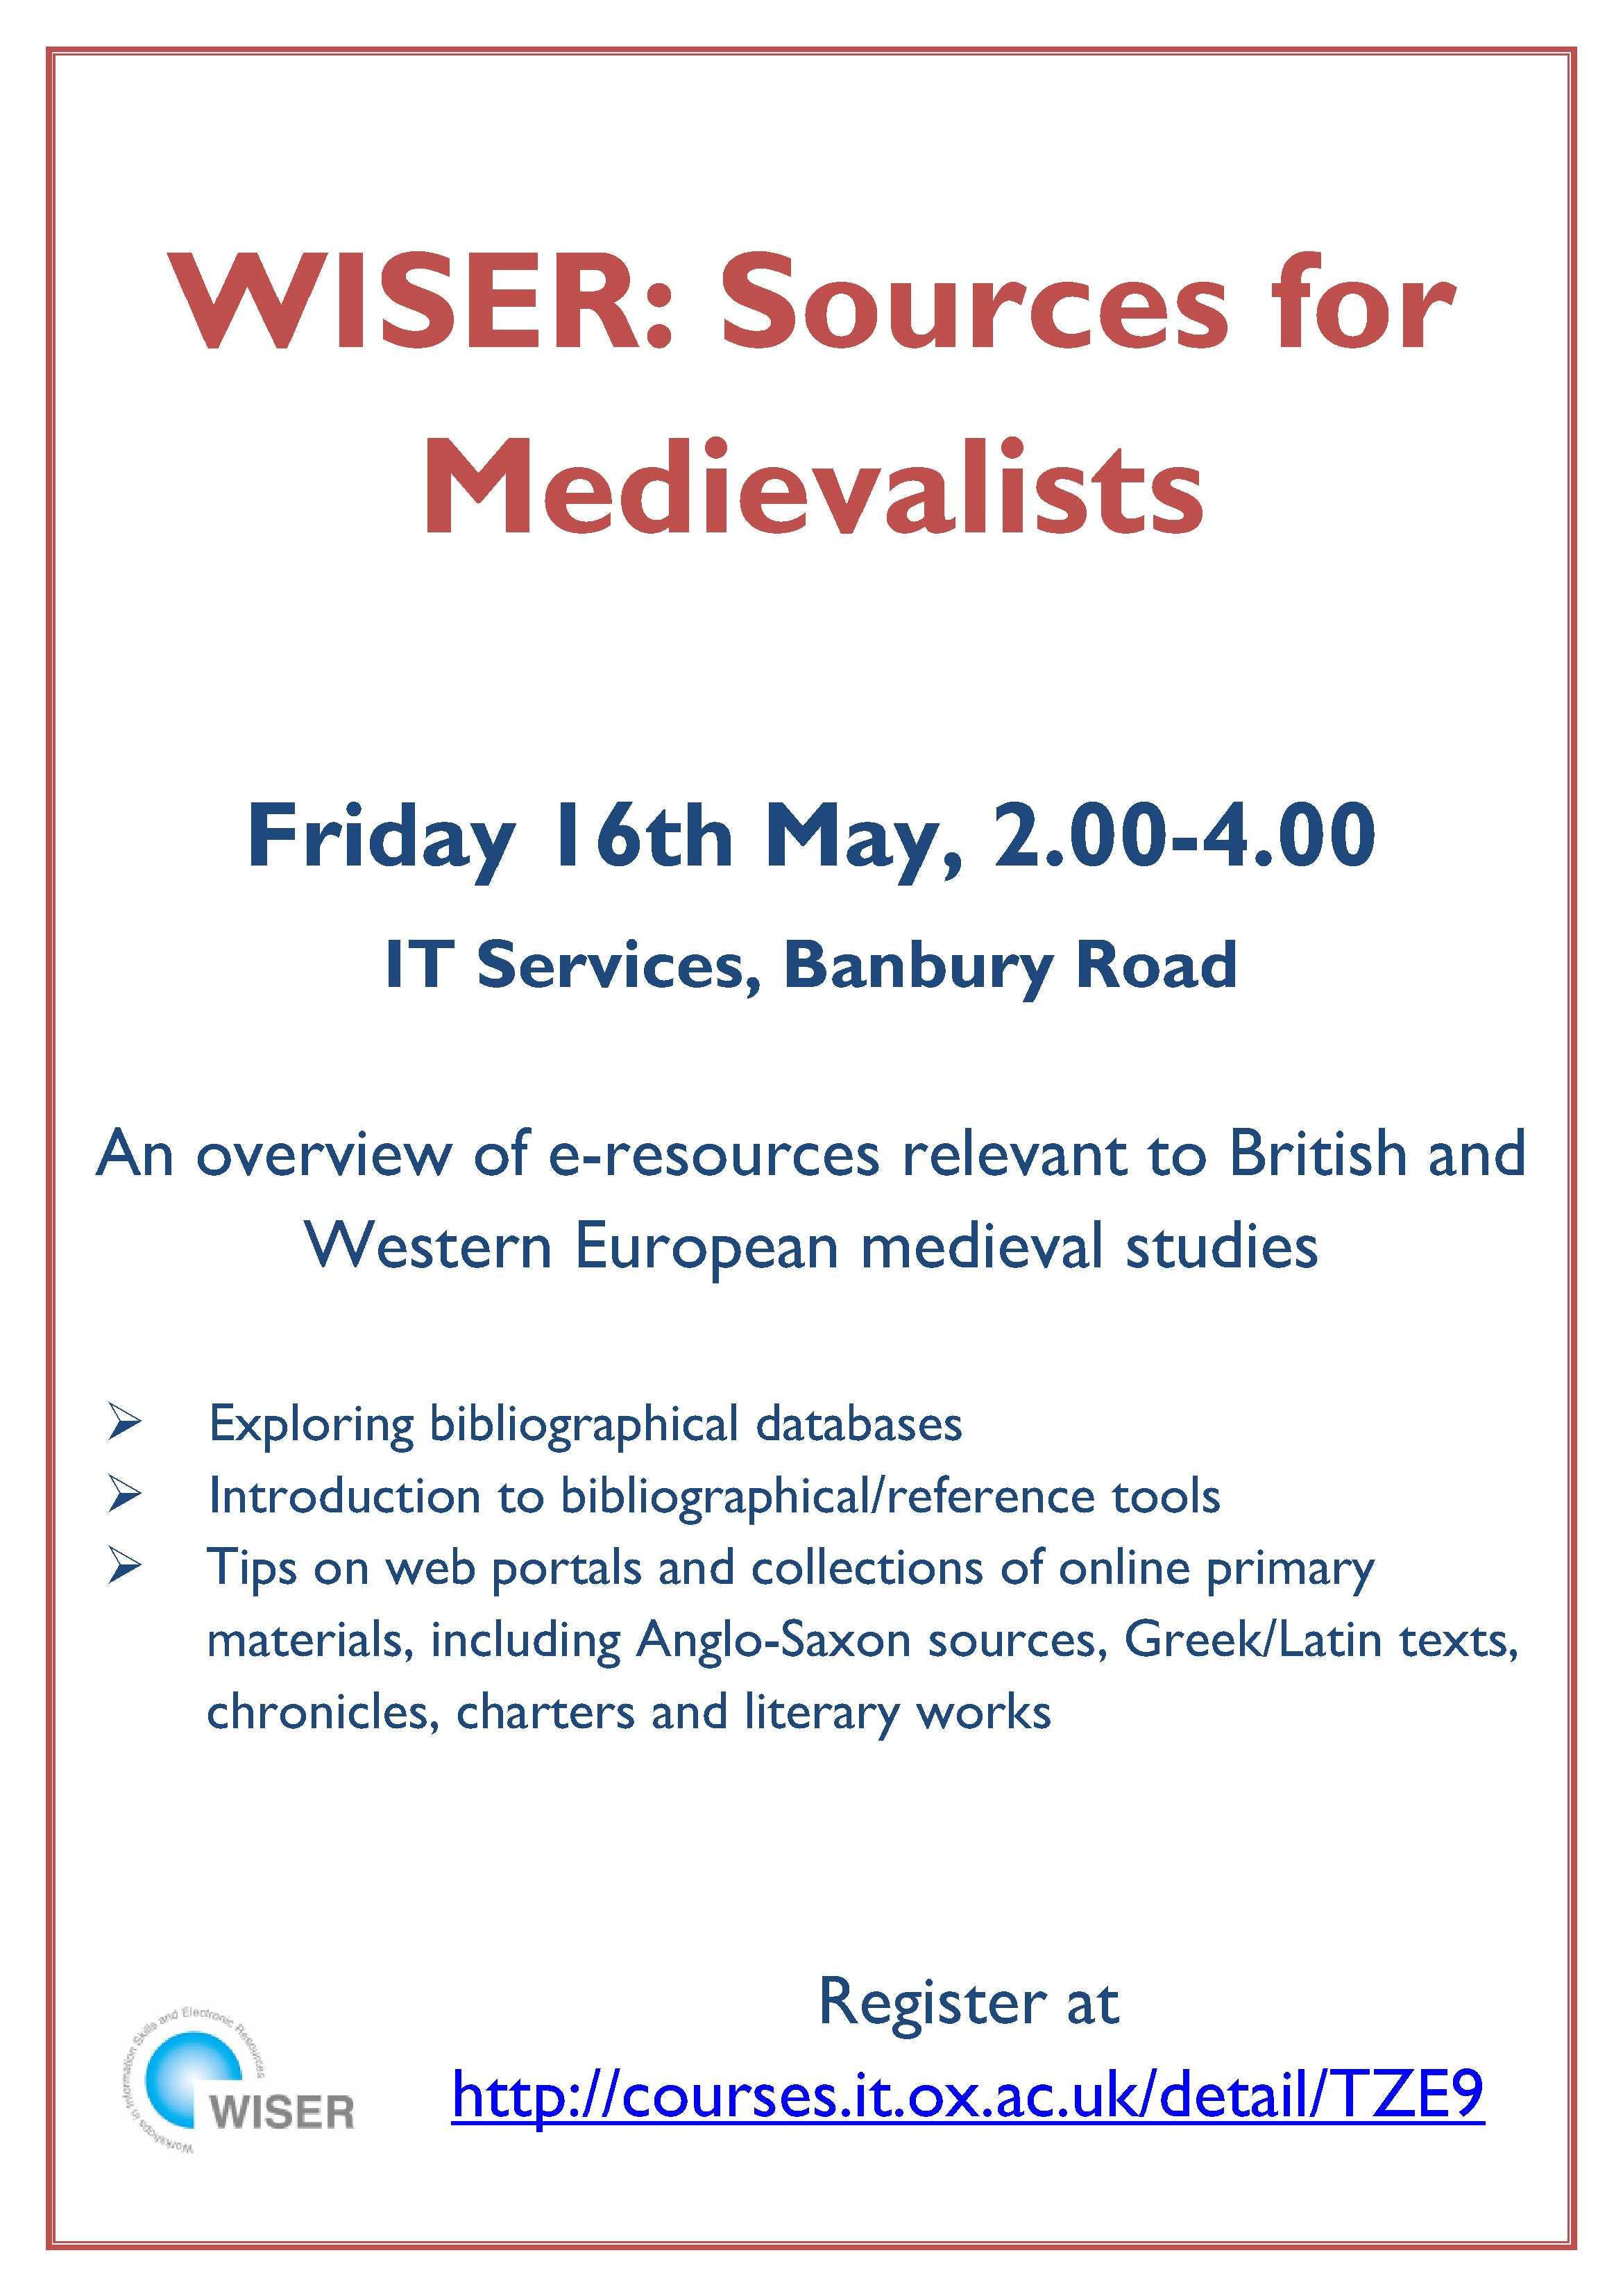 WISER Medievalist Poster